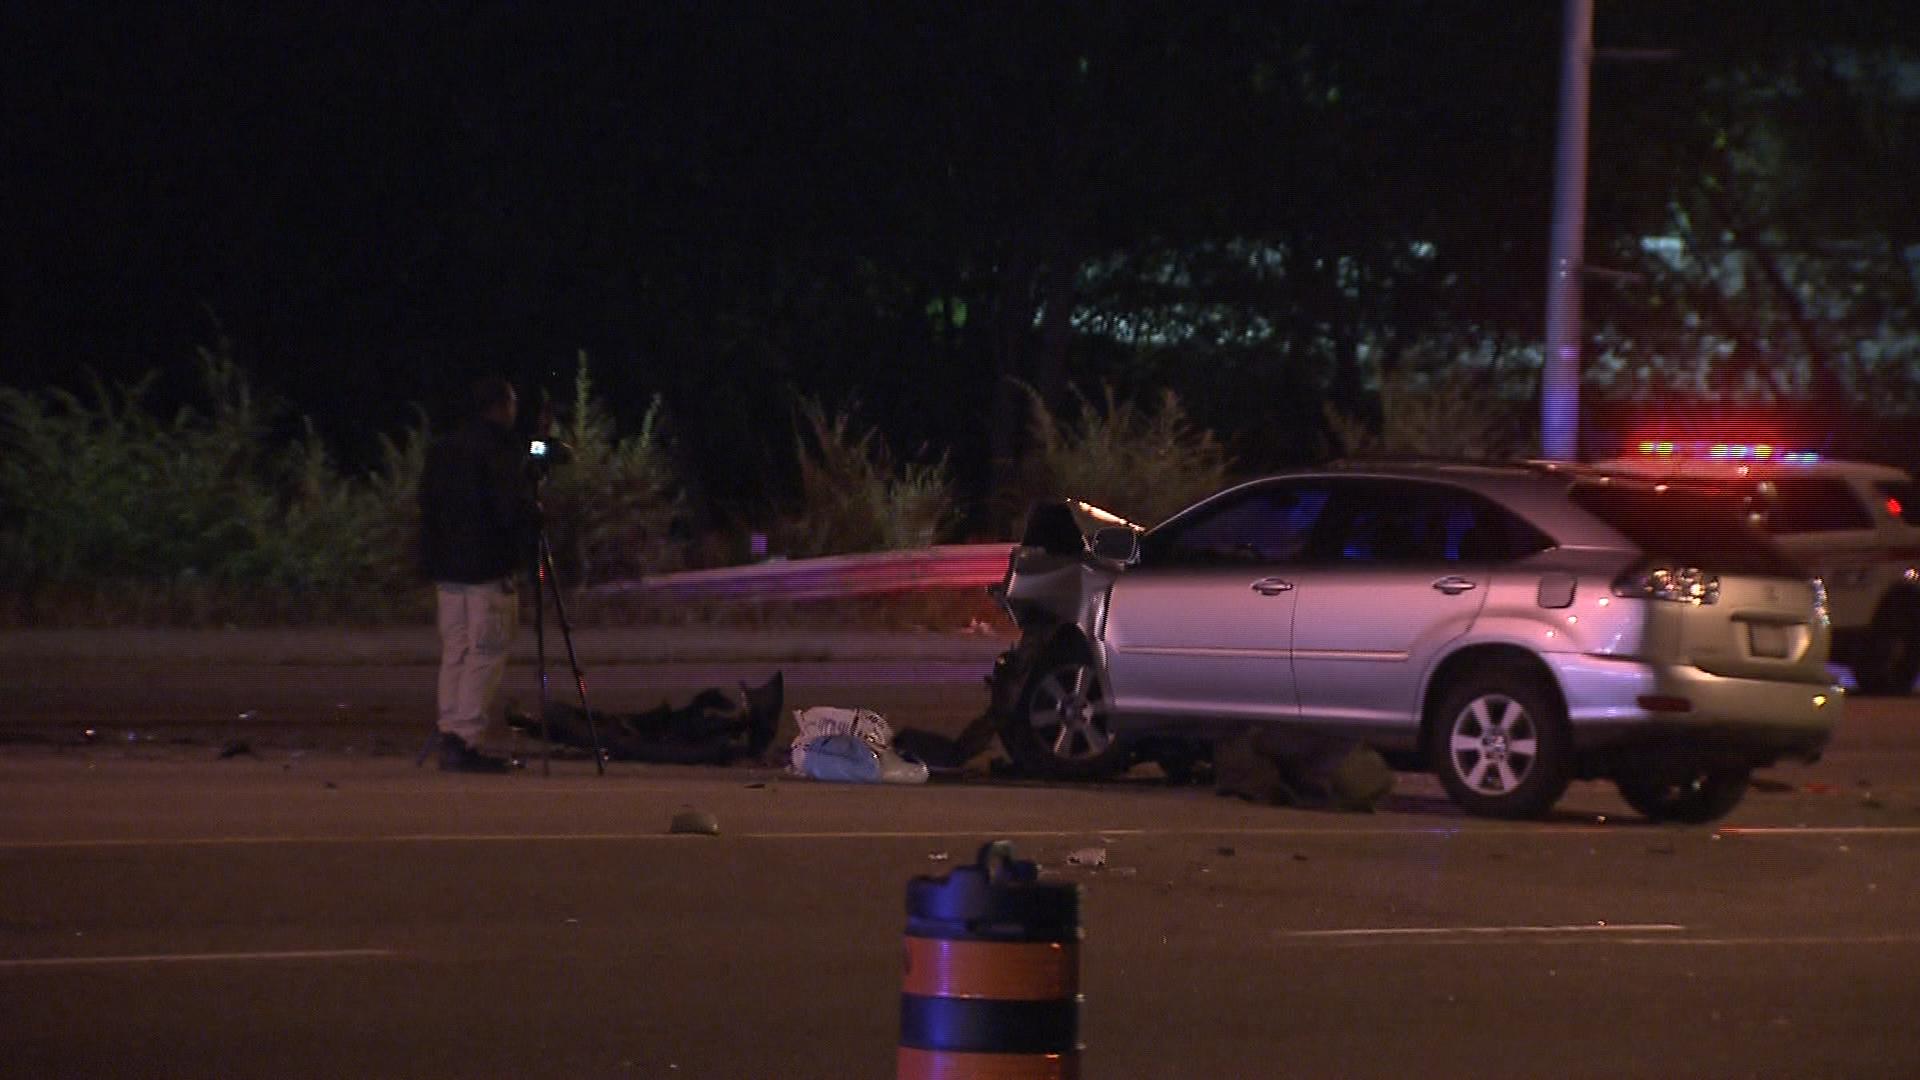 Driver flees scene of multi-vehicle crash in Vaughan, 6 injured